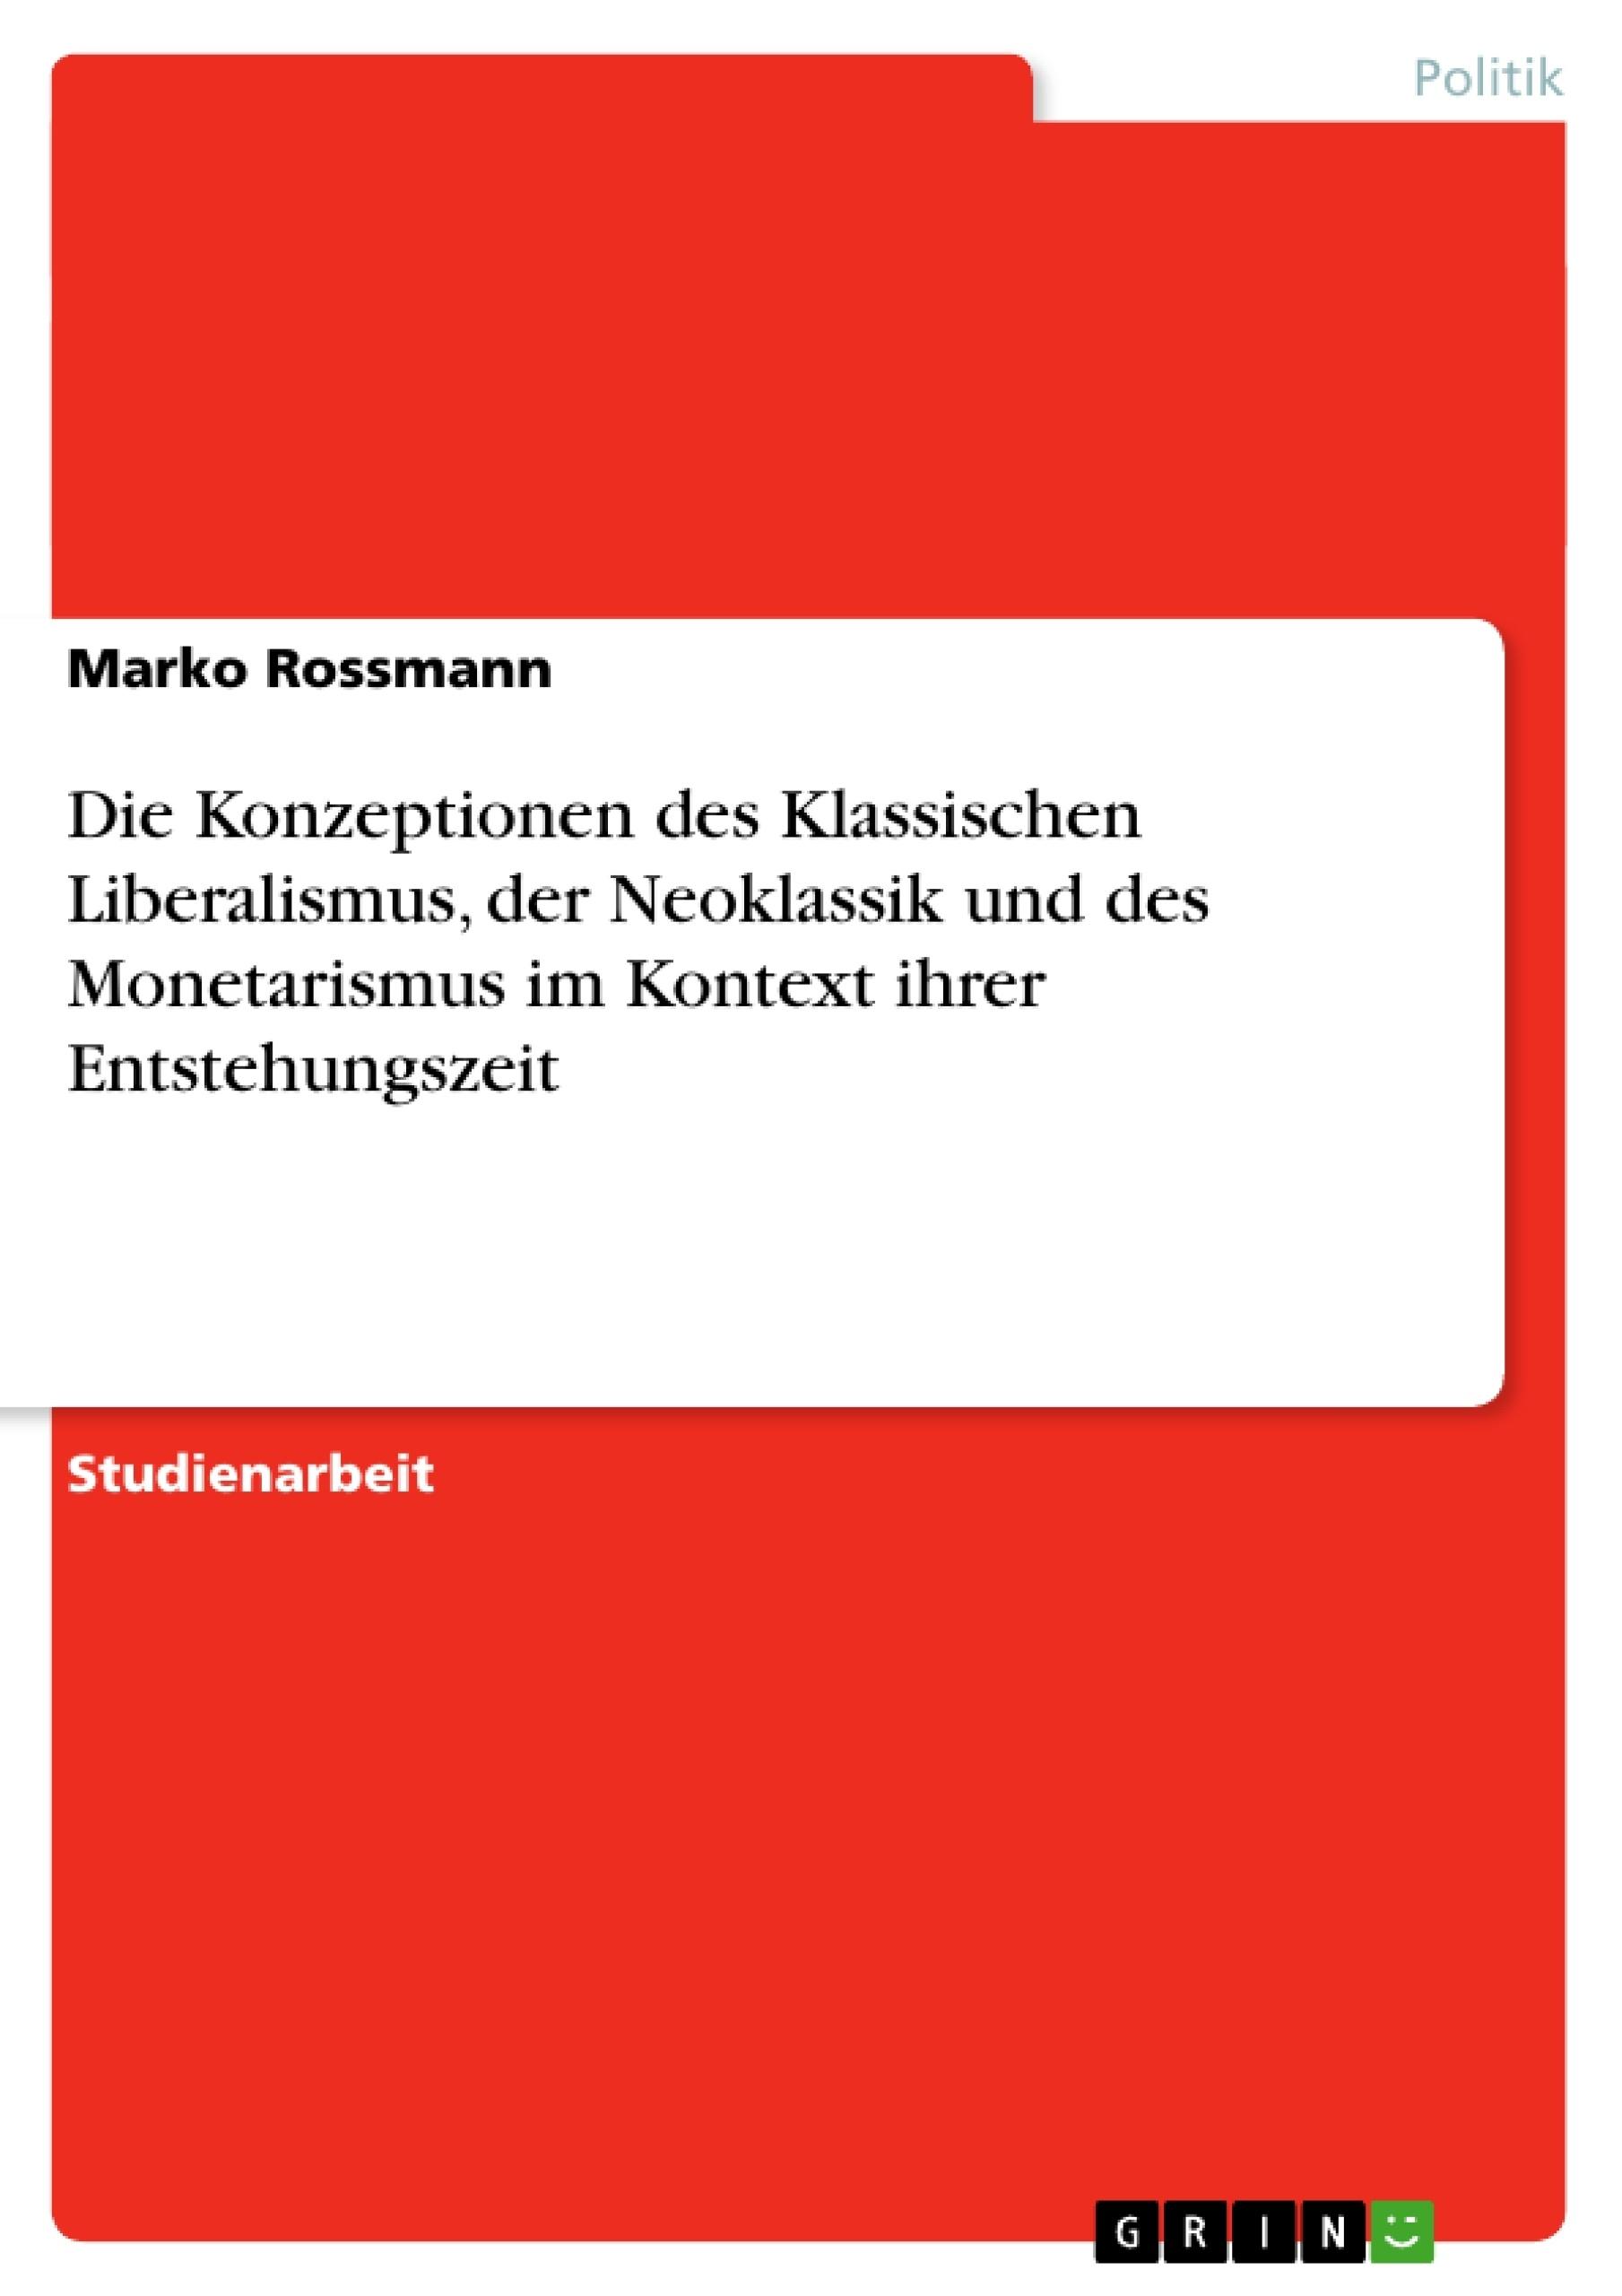 Titel: Die Konzeptionen des Klassischen Liberalismus, der Neoklassik und des Monetarismus im Kontext ihrer Entstehungszeit